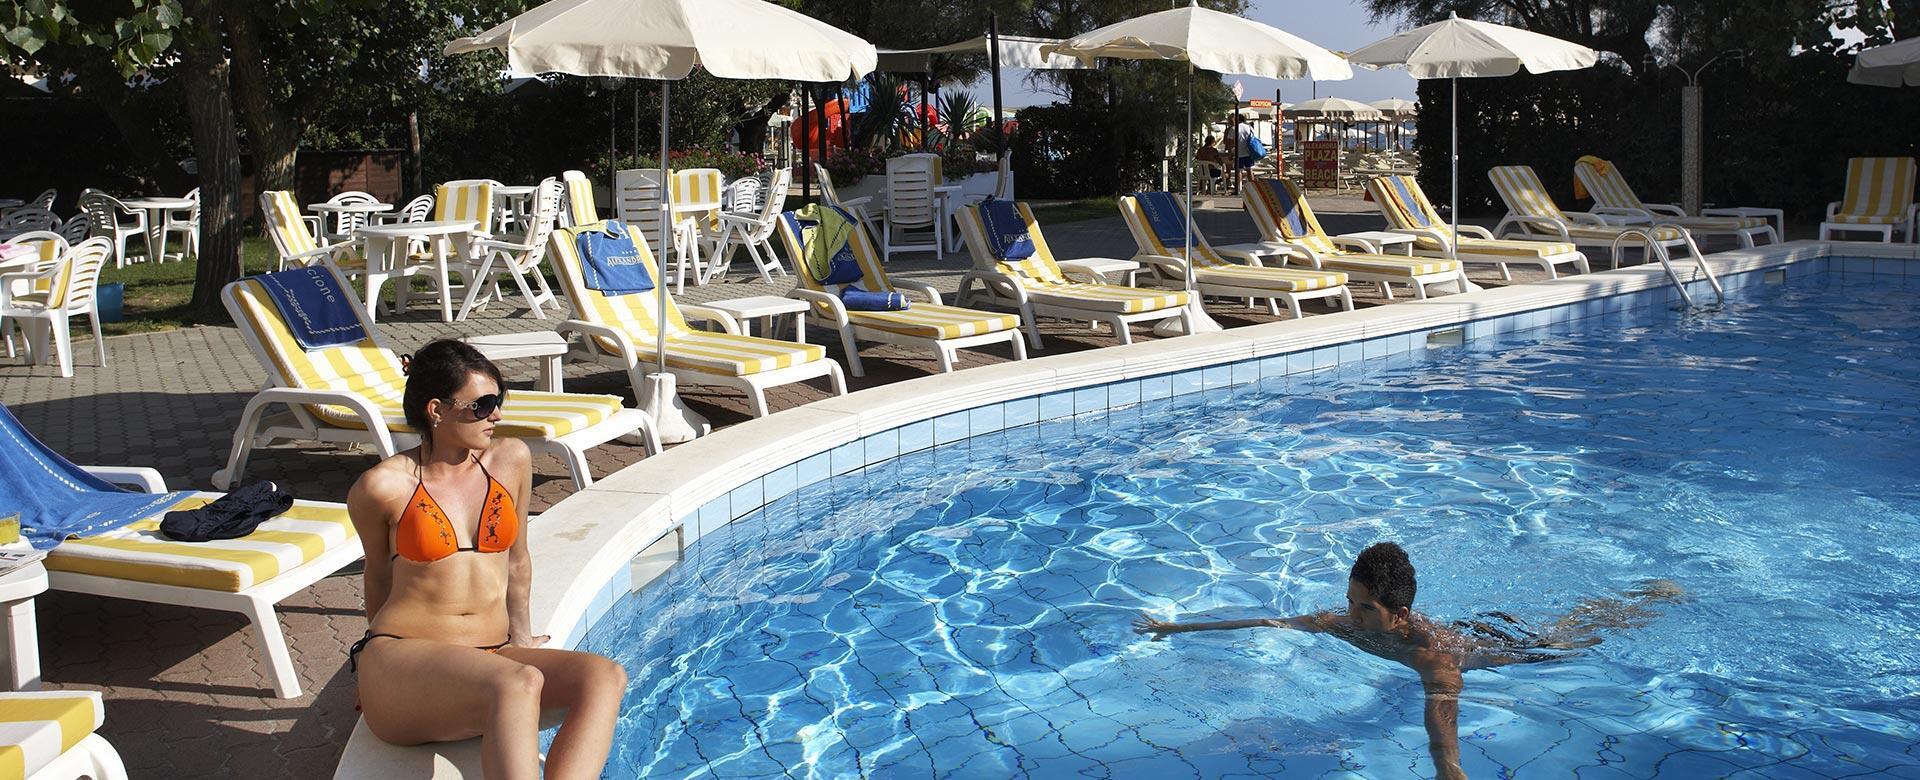 alexandraplaza it vacanze-sul-mare-riccione 005